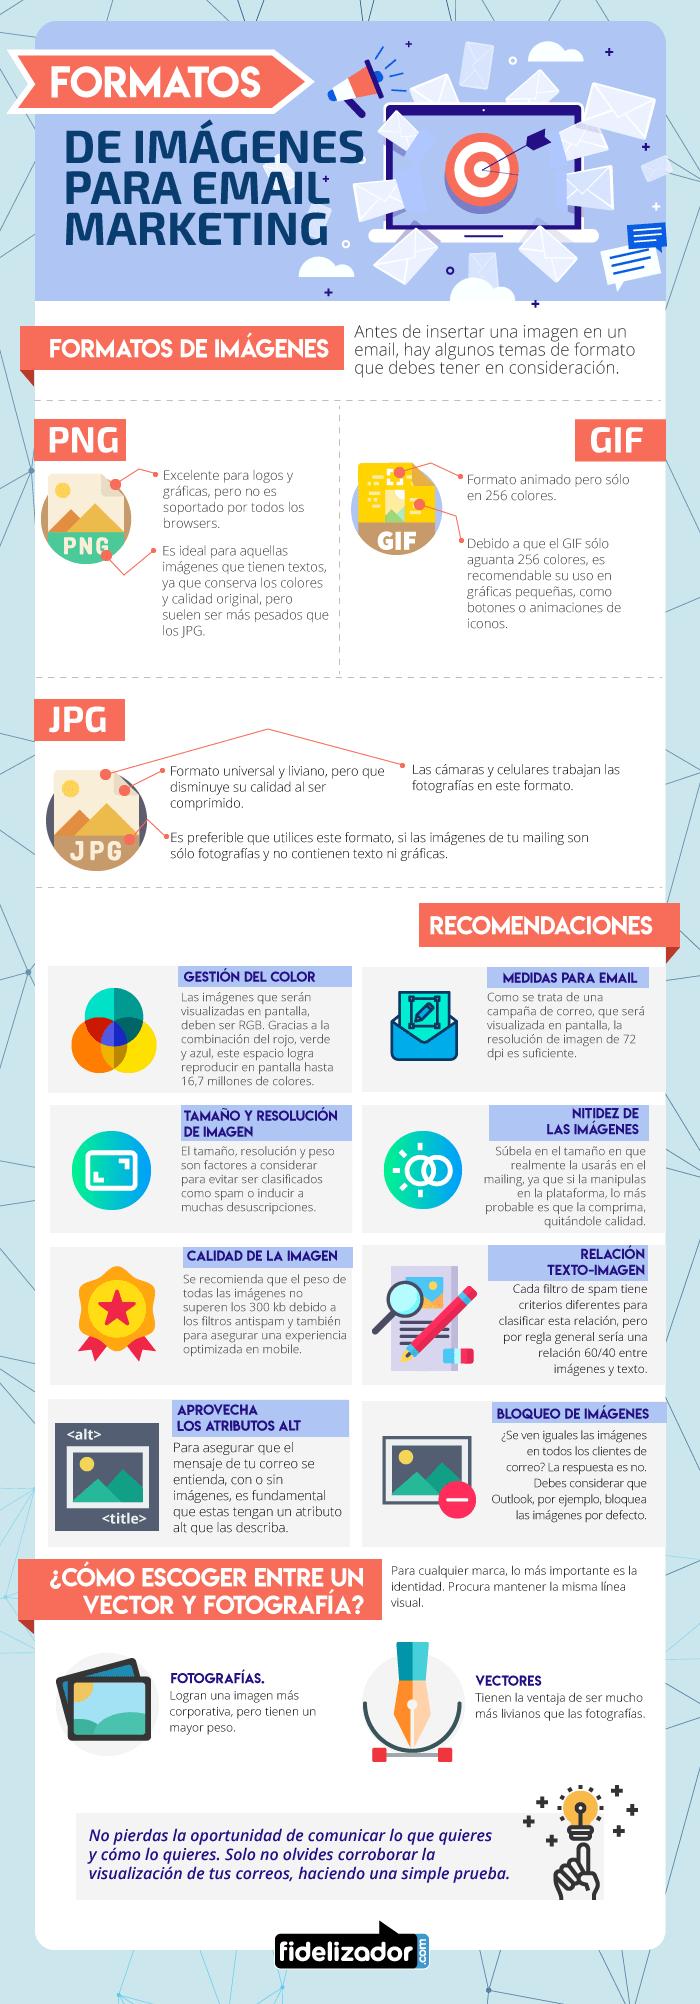 Formatos de imágenes para email marketing